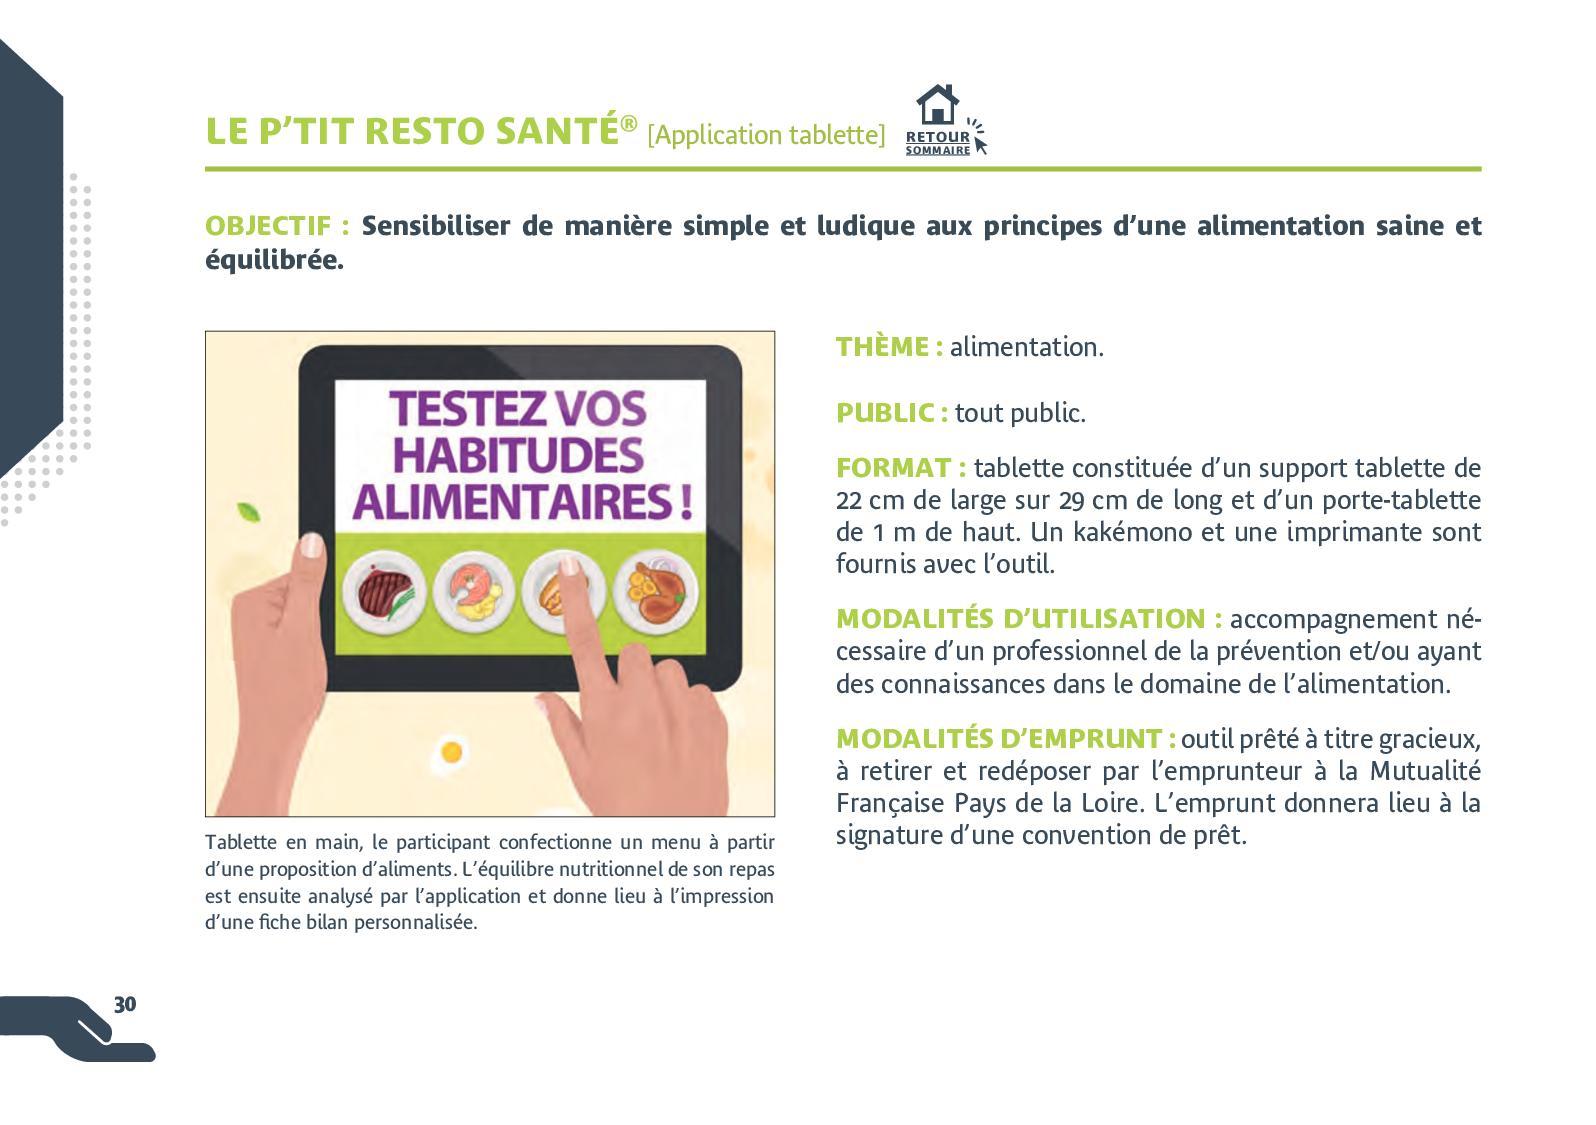 ae1a0a824d Programme Prévention Promotion Santé de la Mutualité Française Pays ...